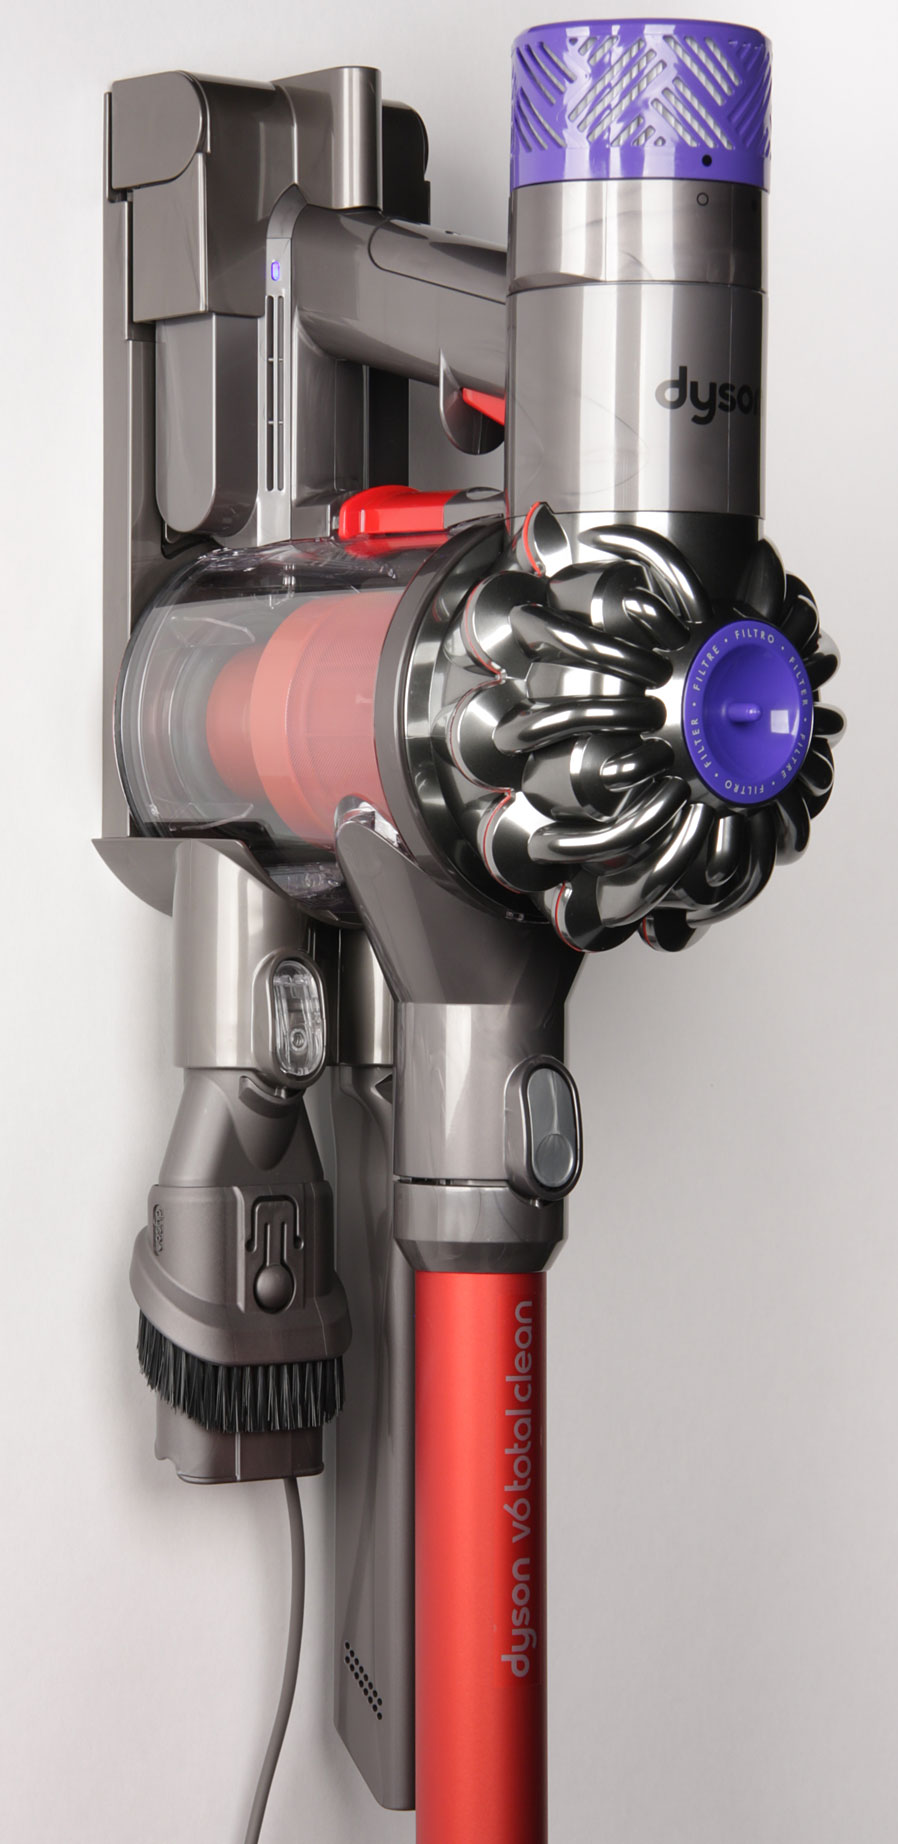 Аккумуляторный пылесос dyson v6 total clean пылесосы дайсон цены в м видео